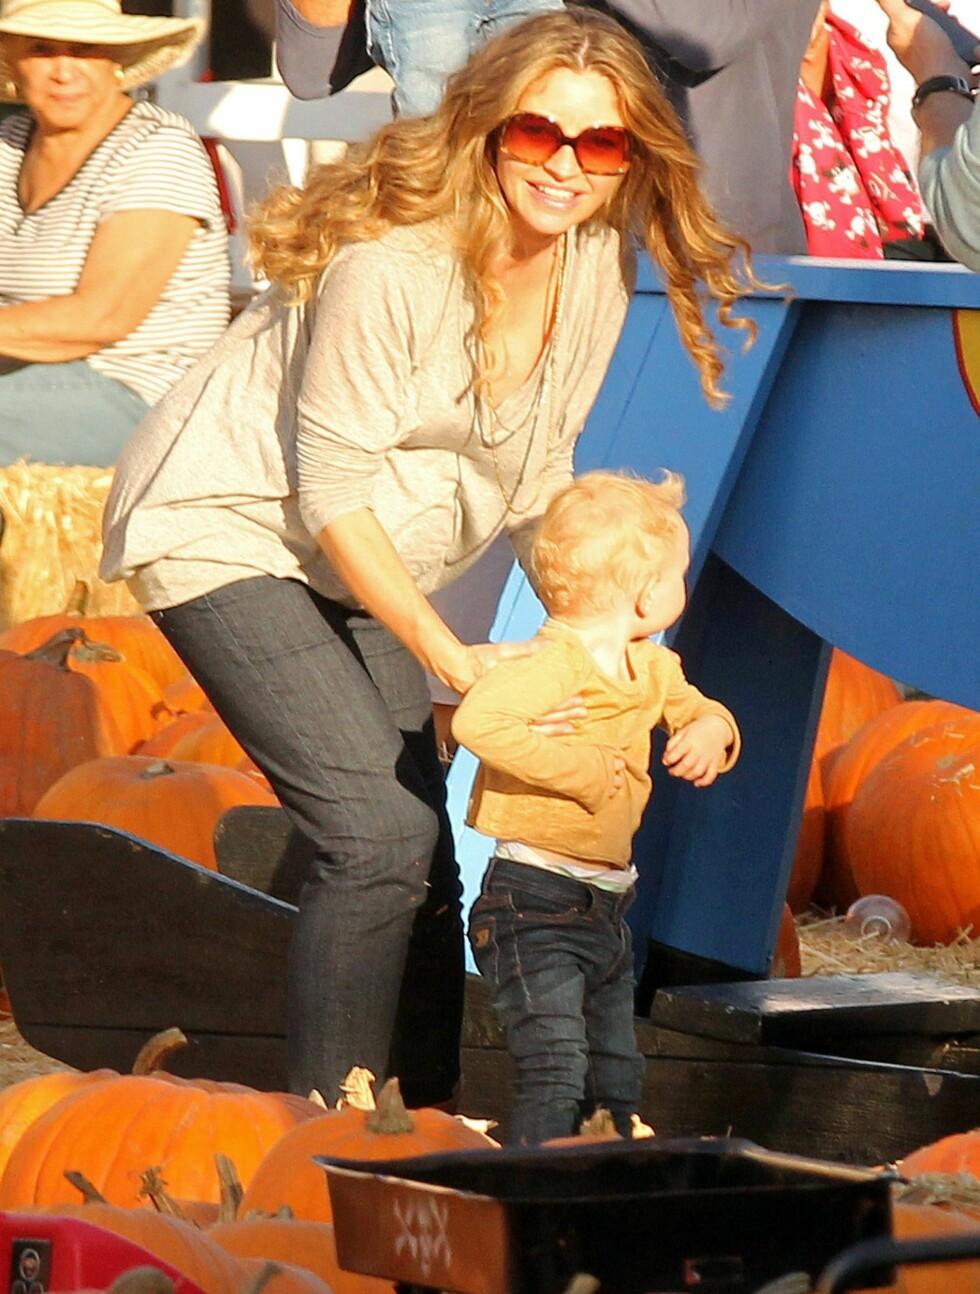 <strong>BABYLYKKE:</strong> Rebecca gleder seg til å bli mamma for andre gang. Her med datteren Billie Beatrice. Foto: All Over Press